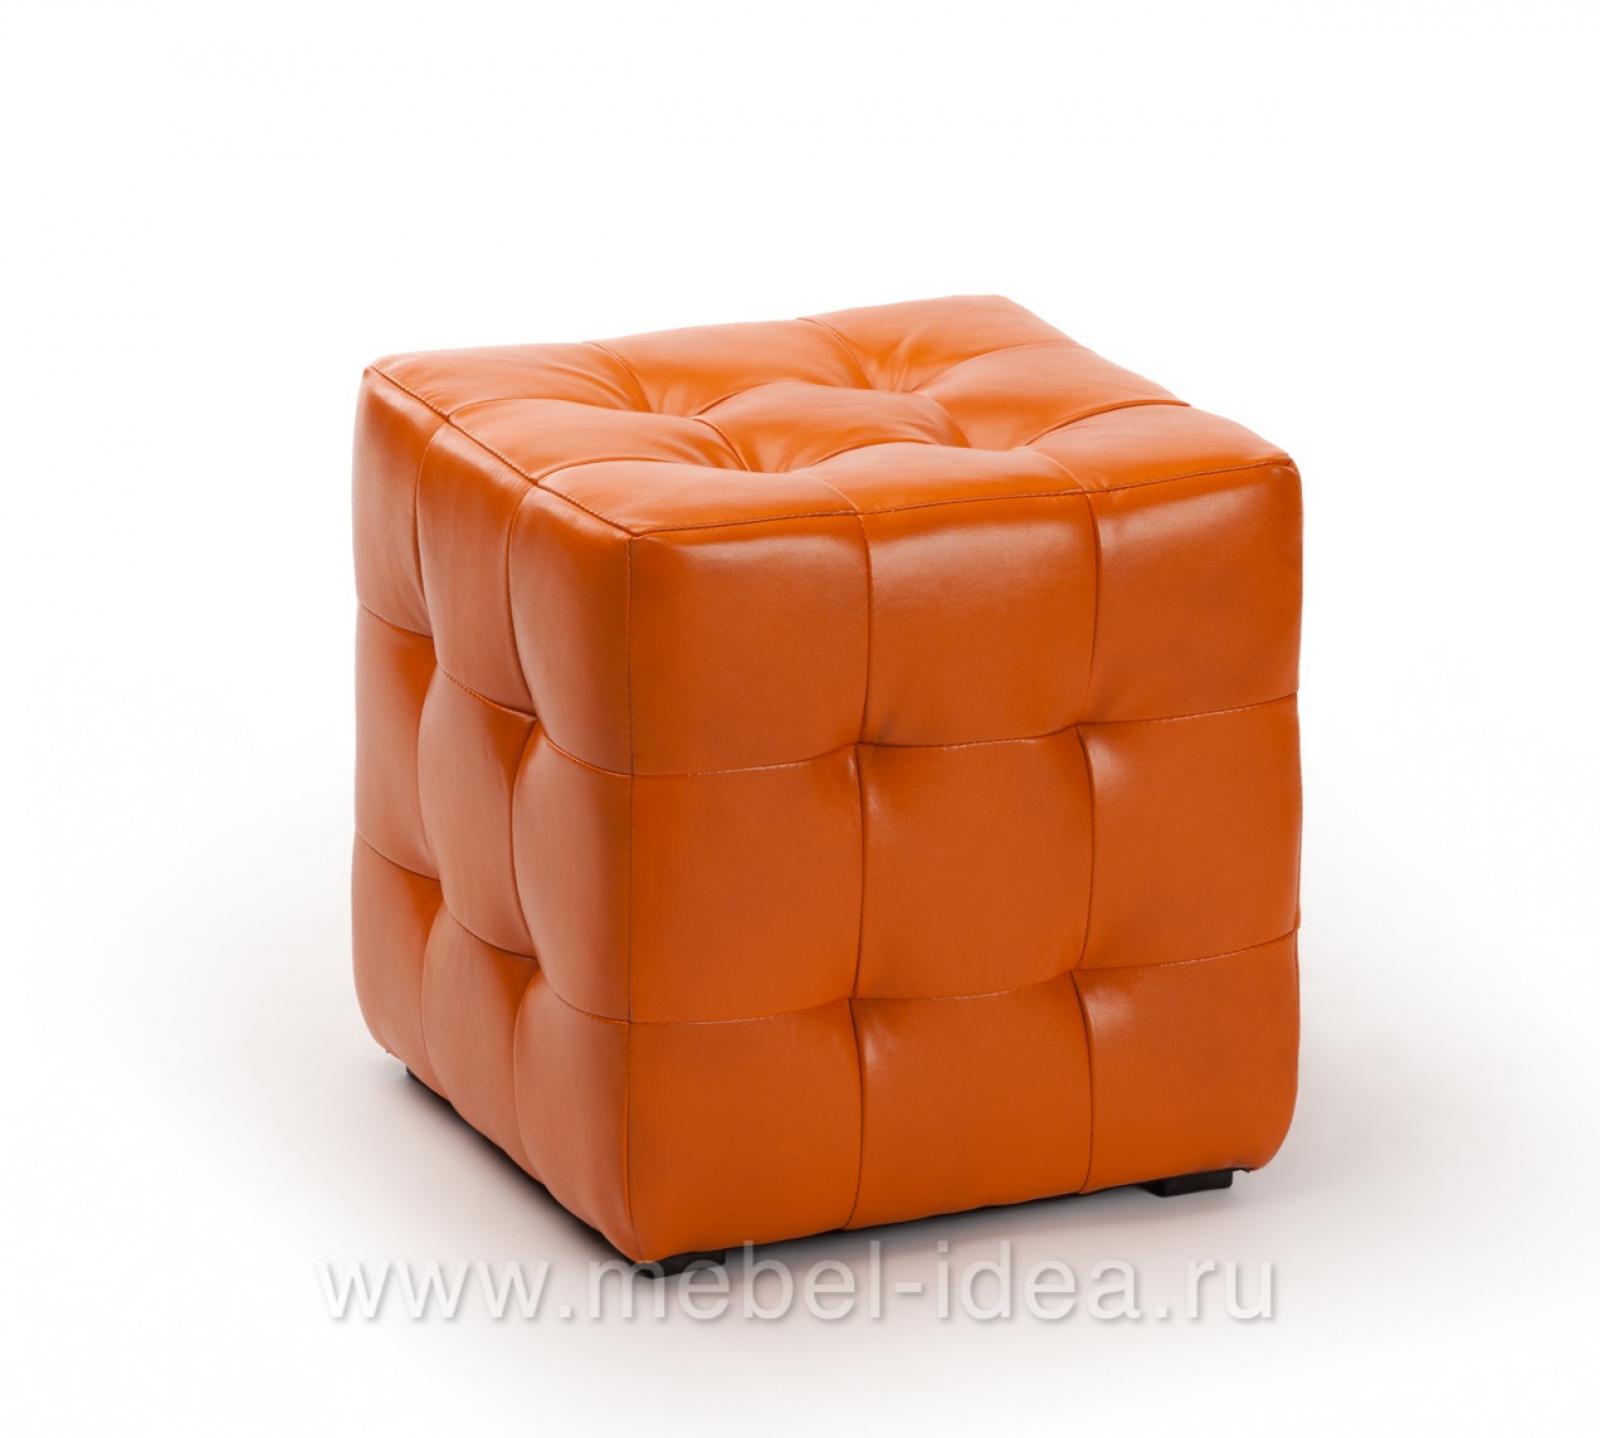 Пуф ПФ-1 оранжевый - 1